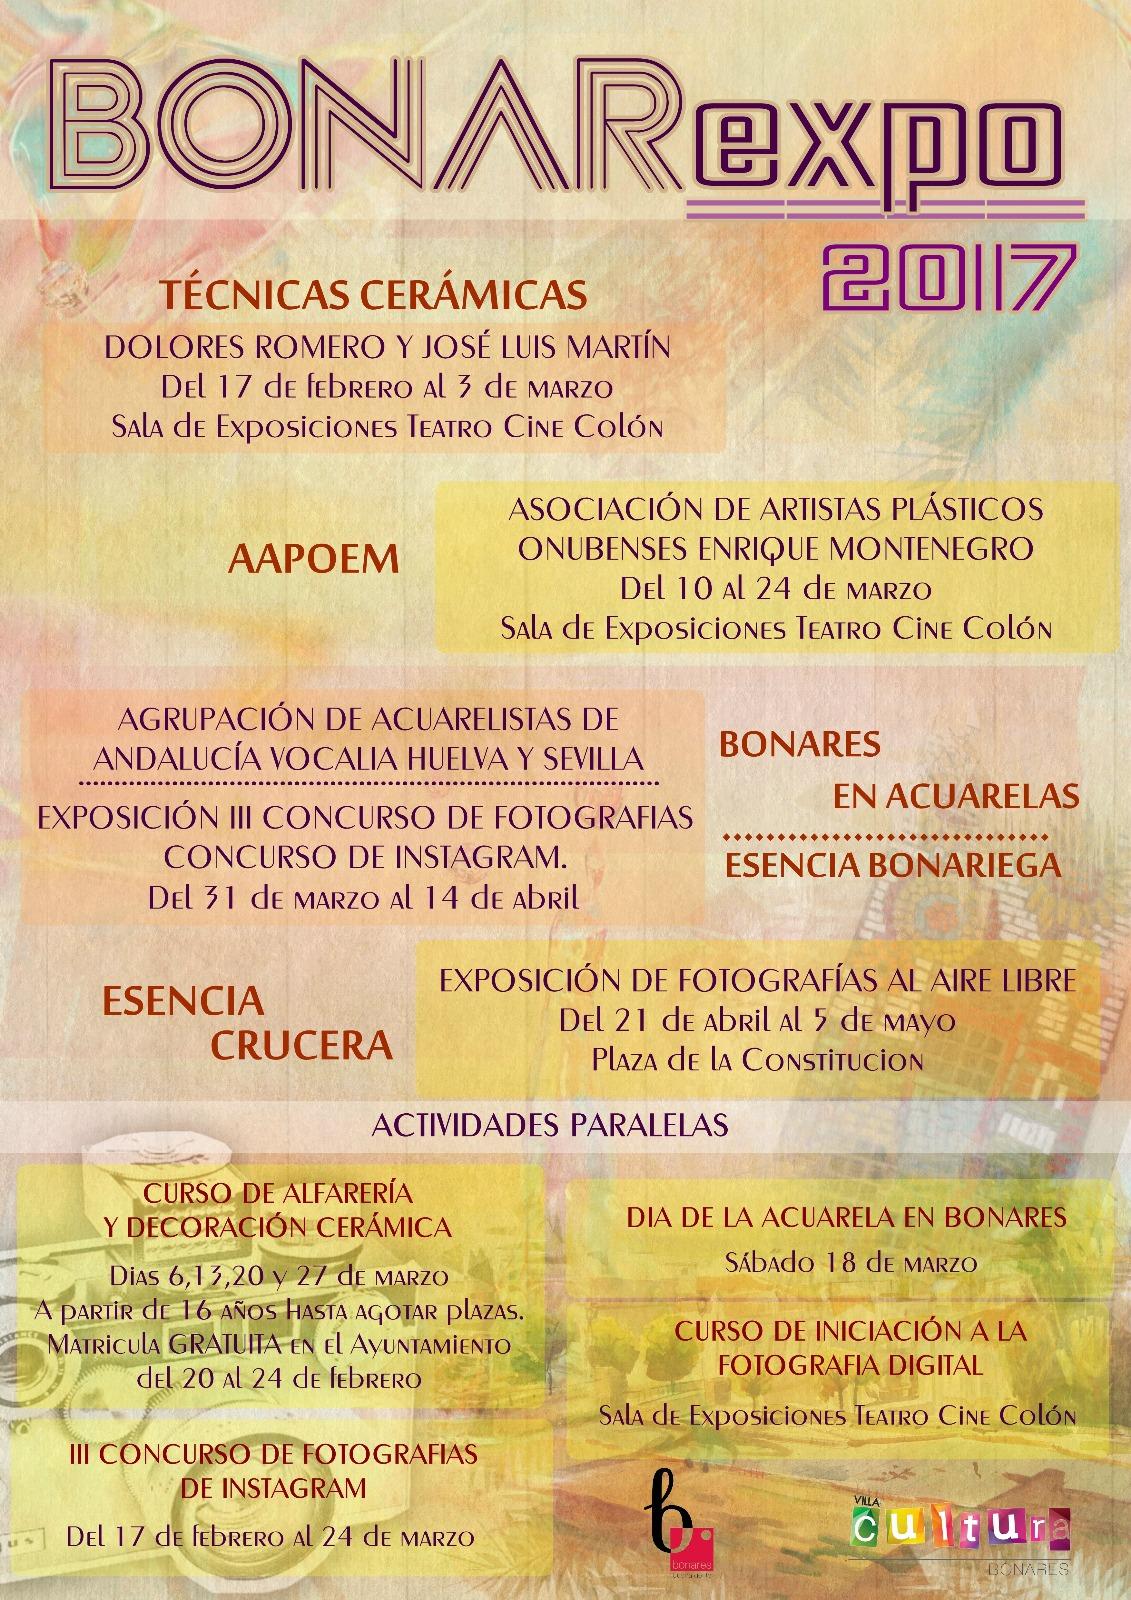 BONAREXPO 2017 - PROGRAMACIÓN